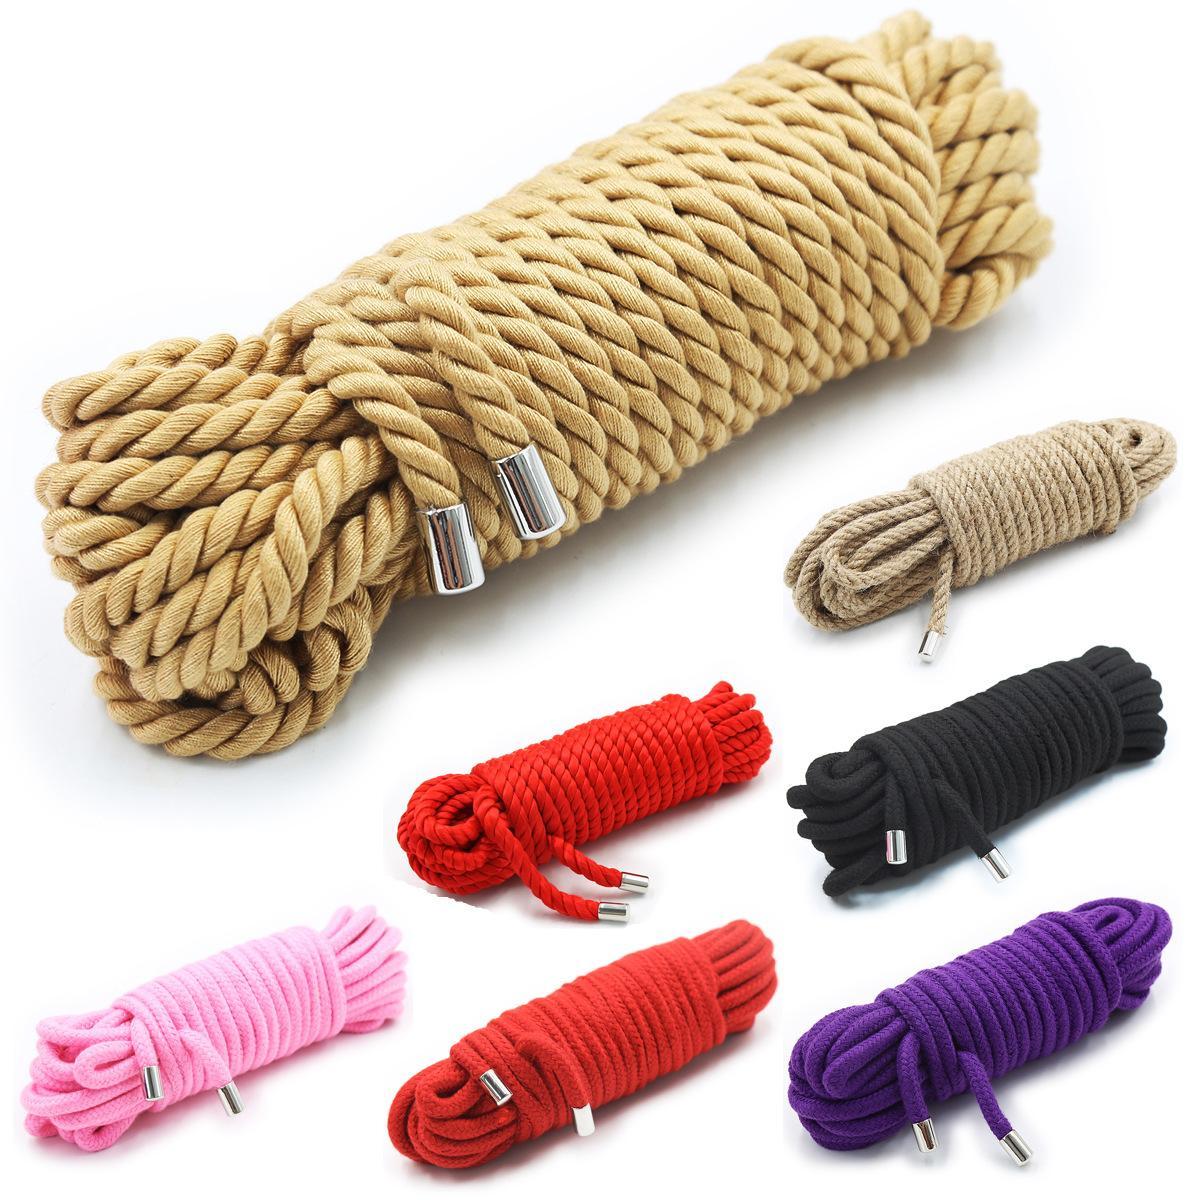 Hem Rope Starter Kit-naturale / guinzagli, 20m Bondage Tie / restrizioni Binder Restraint Per Schiavo Giochi di Ruolo, Erotic Shibari accessori per toccare Tie U